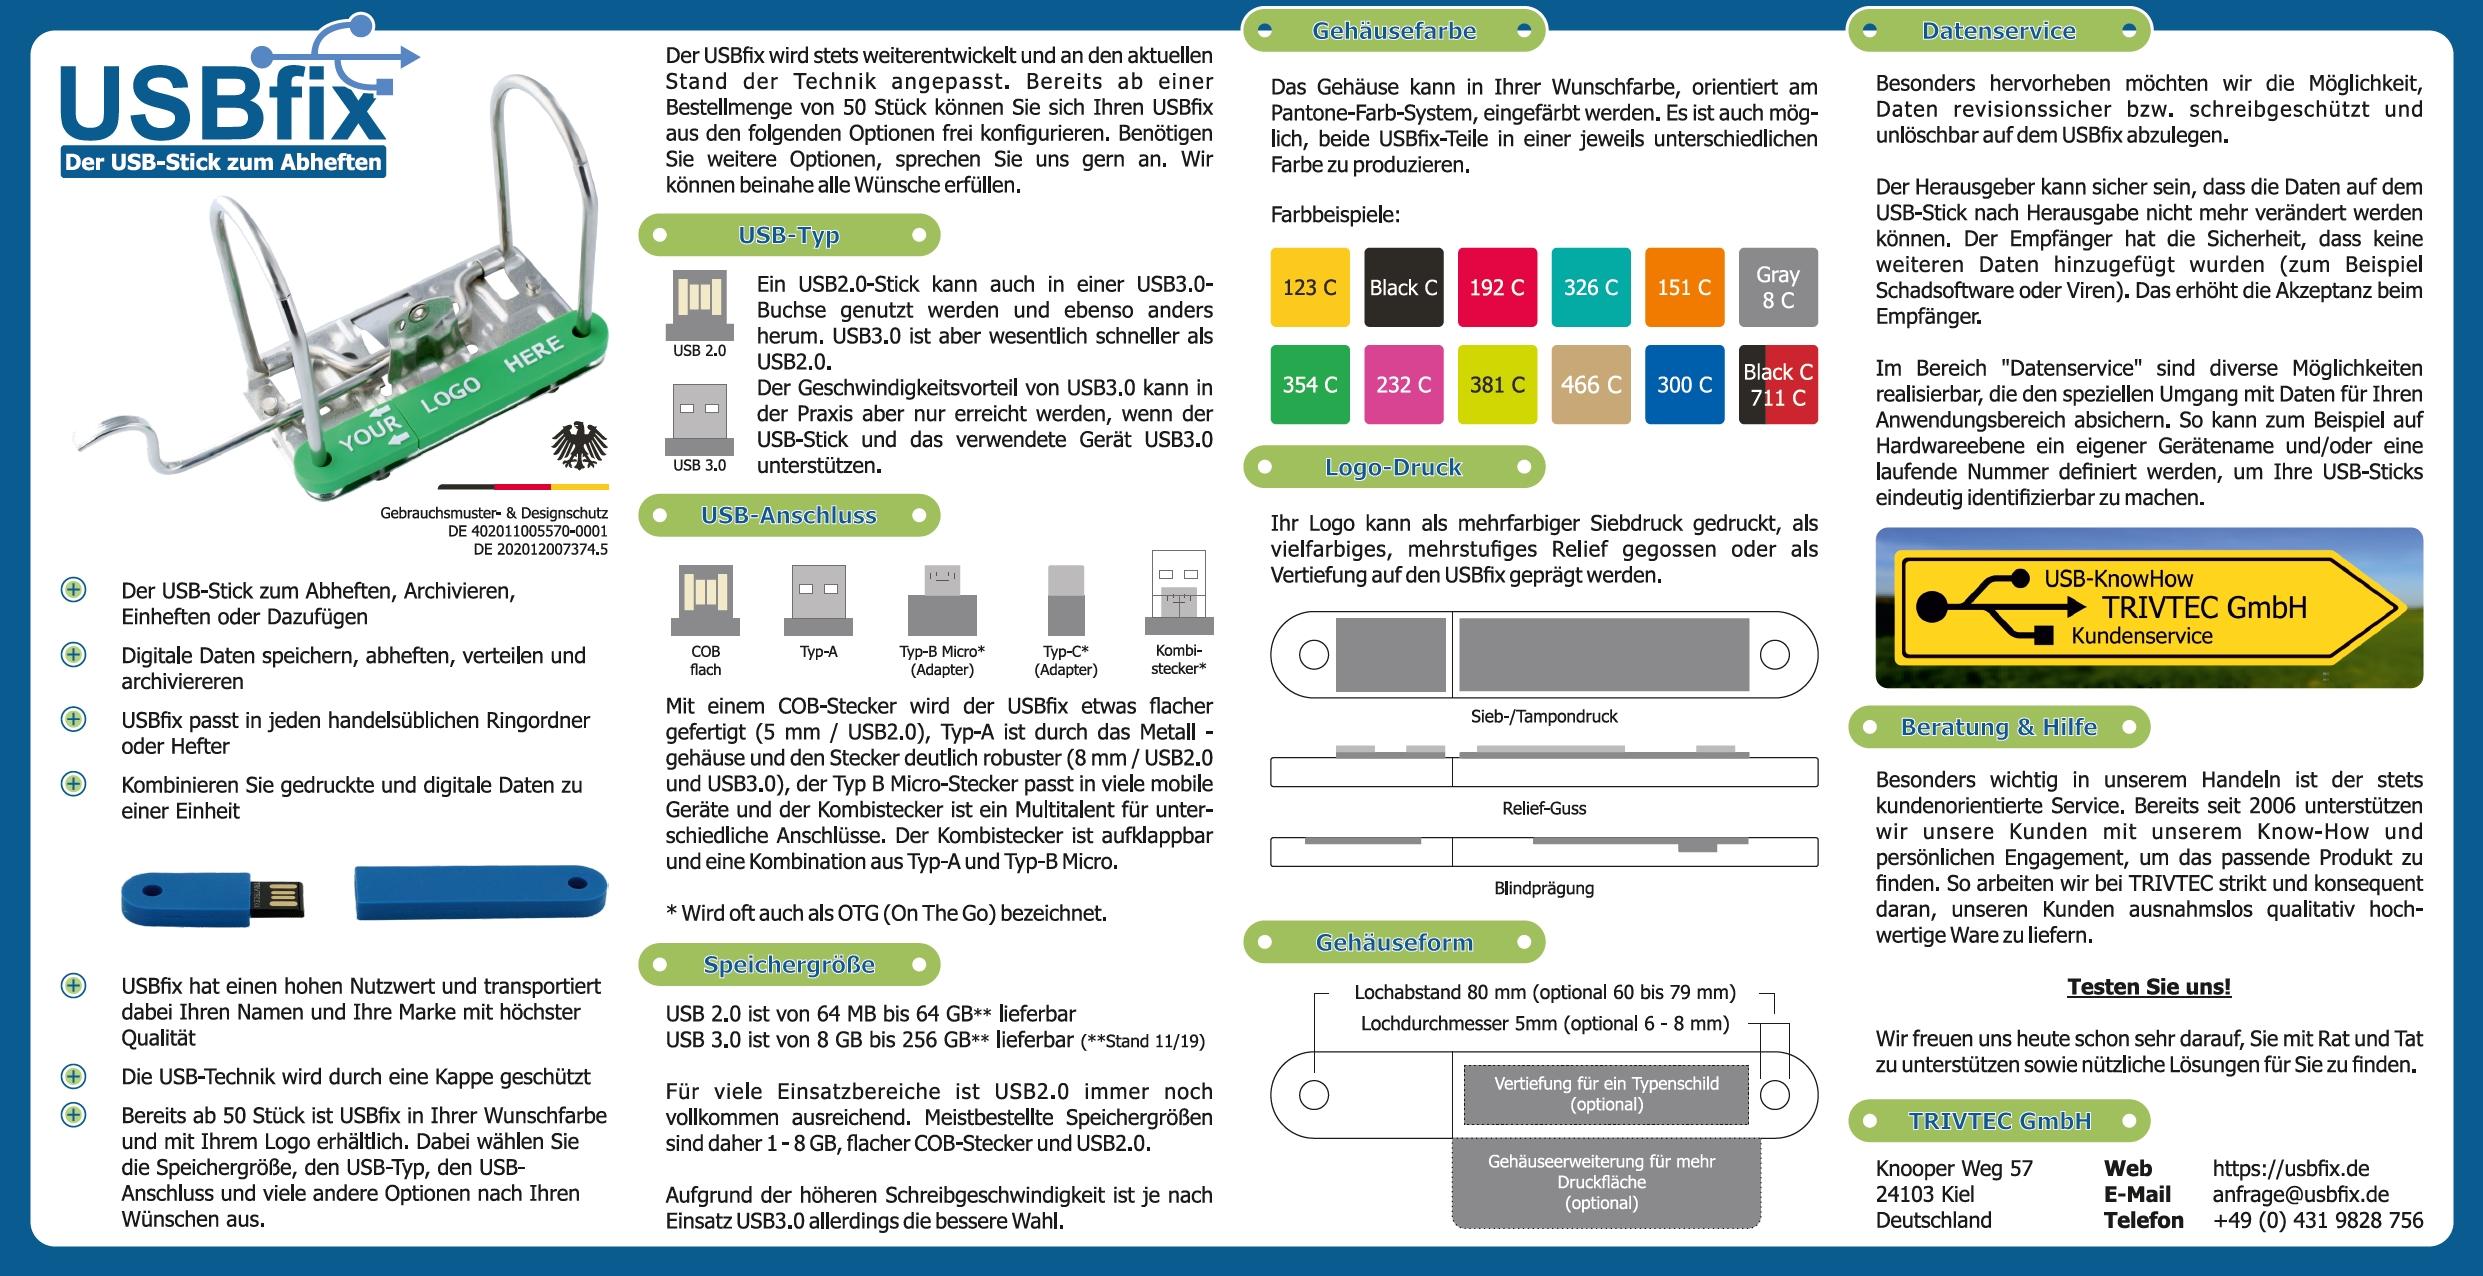 USBfix Infoposter zum Download